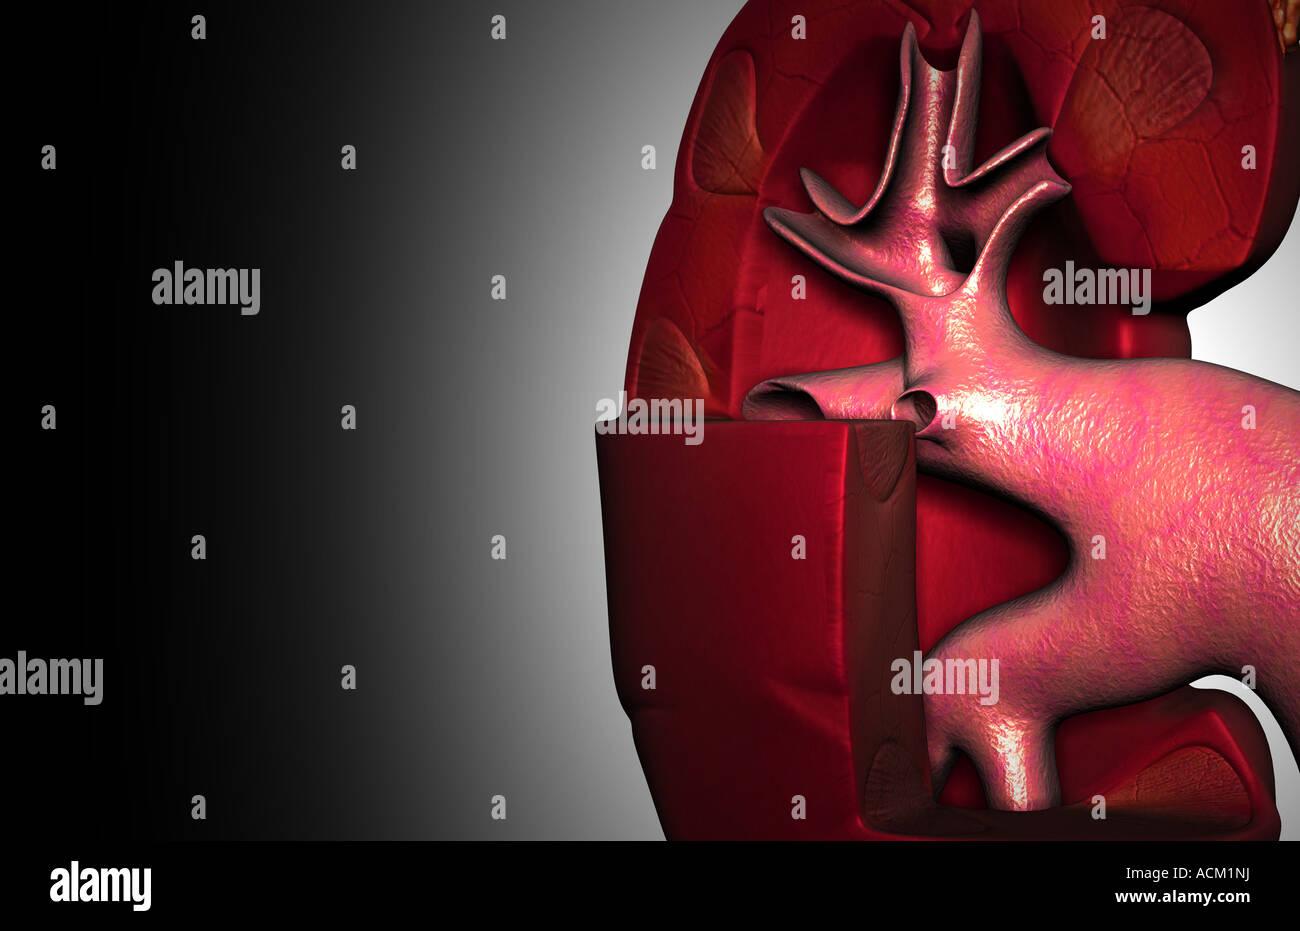 Groß Nierenstruktur Und Funktion Ideen - Menschliche Anatomie Bilder ...